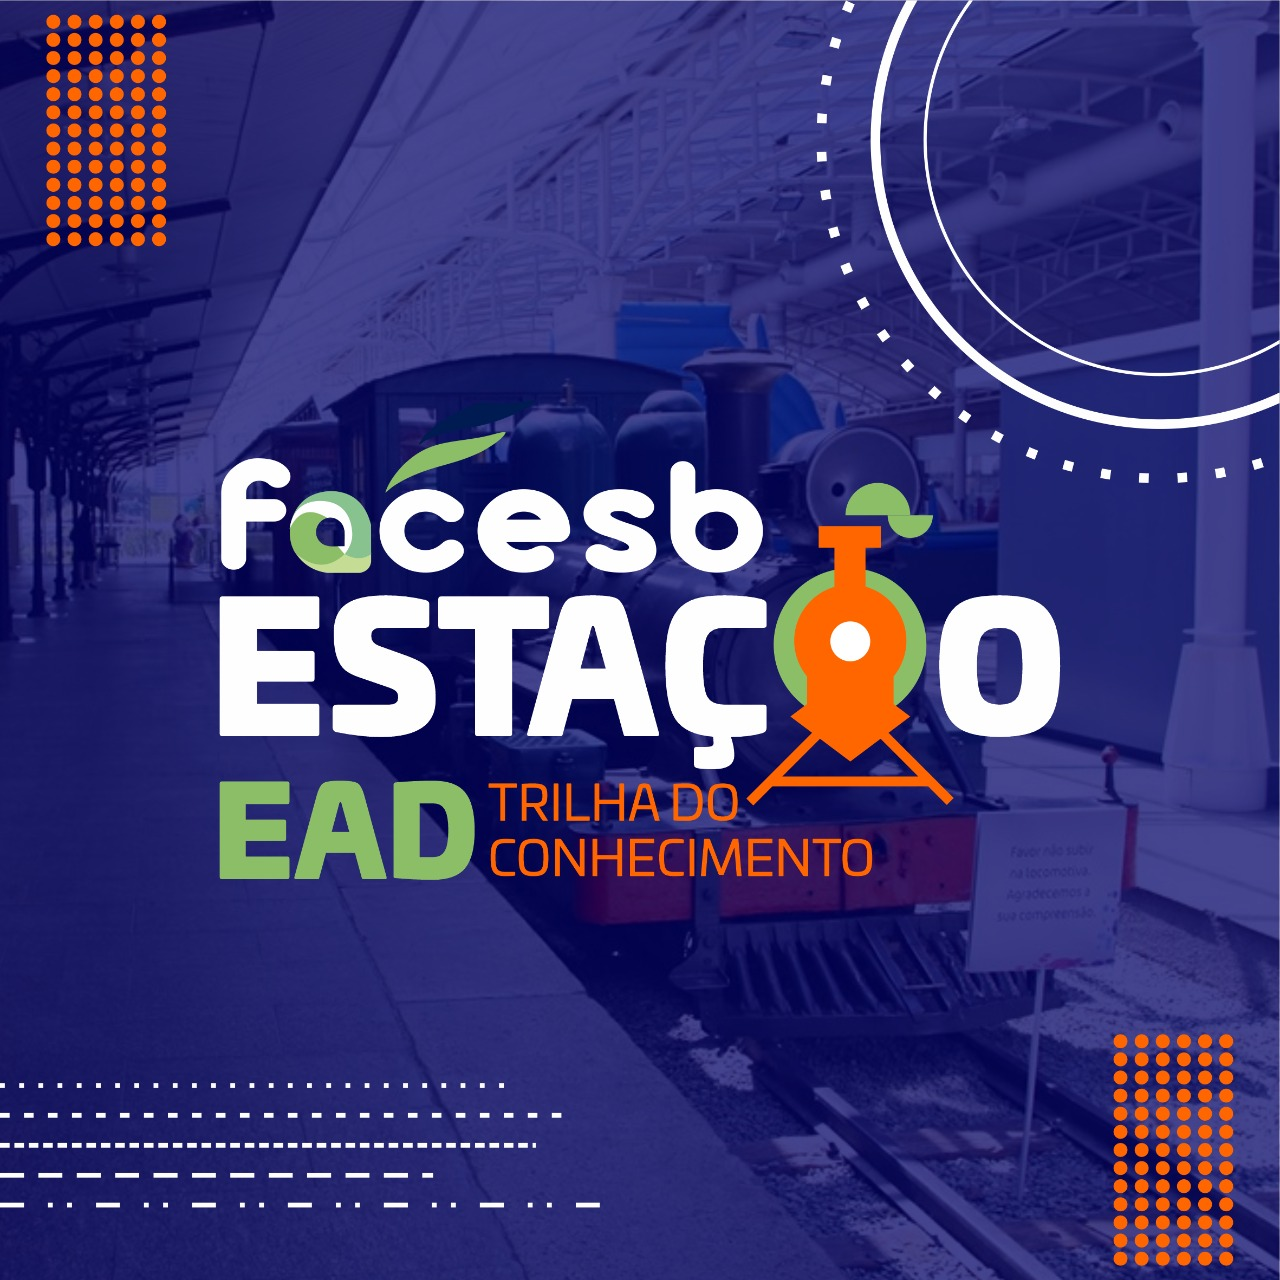 Estação EAD